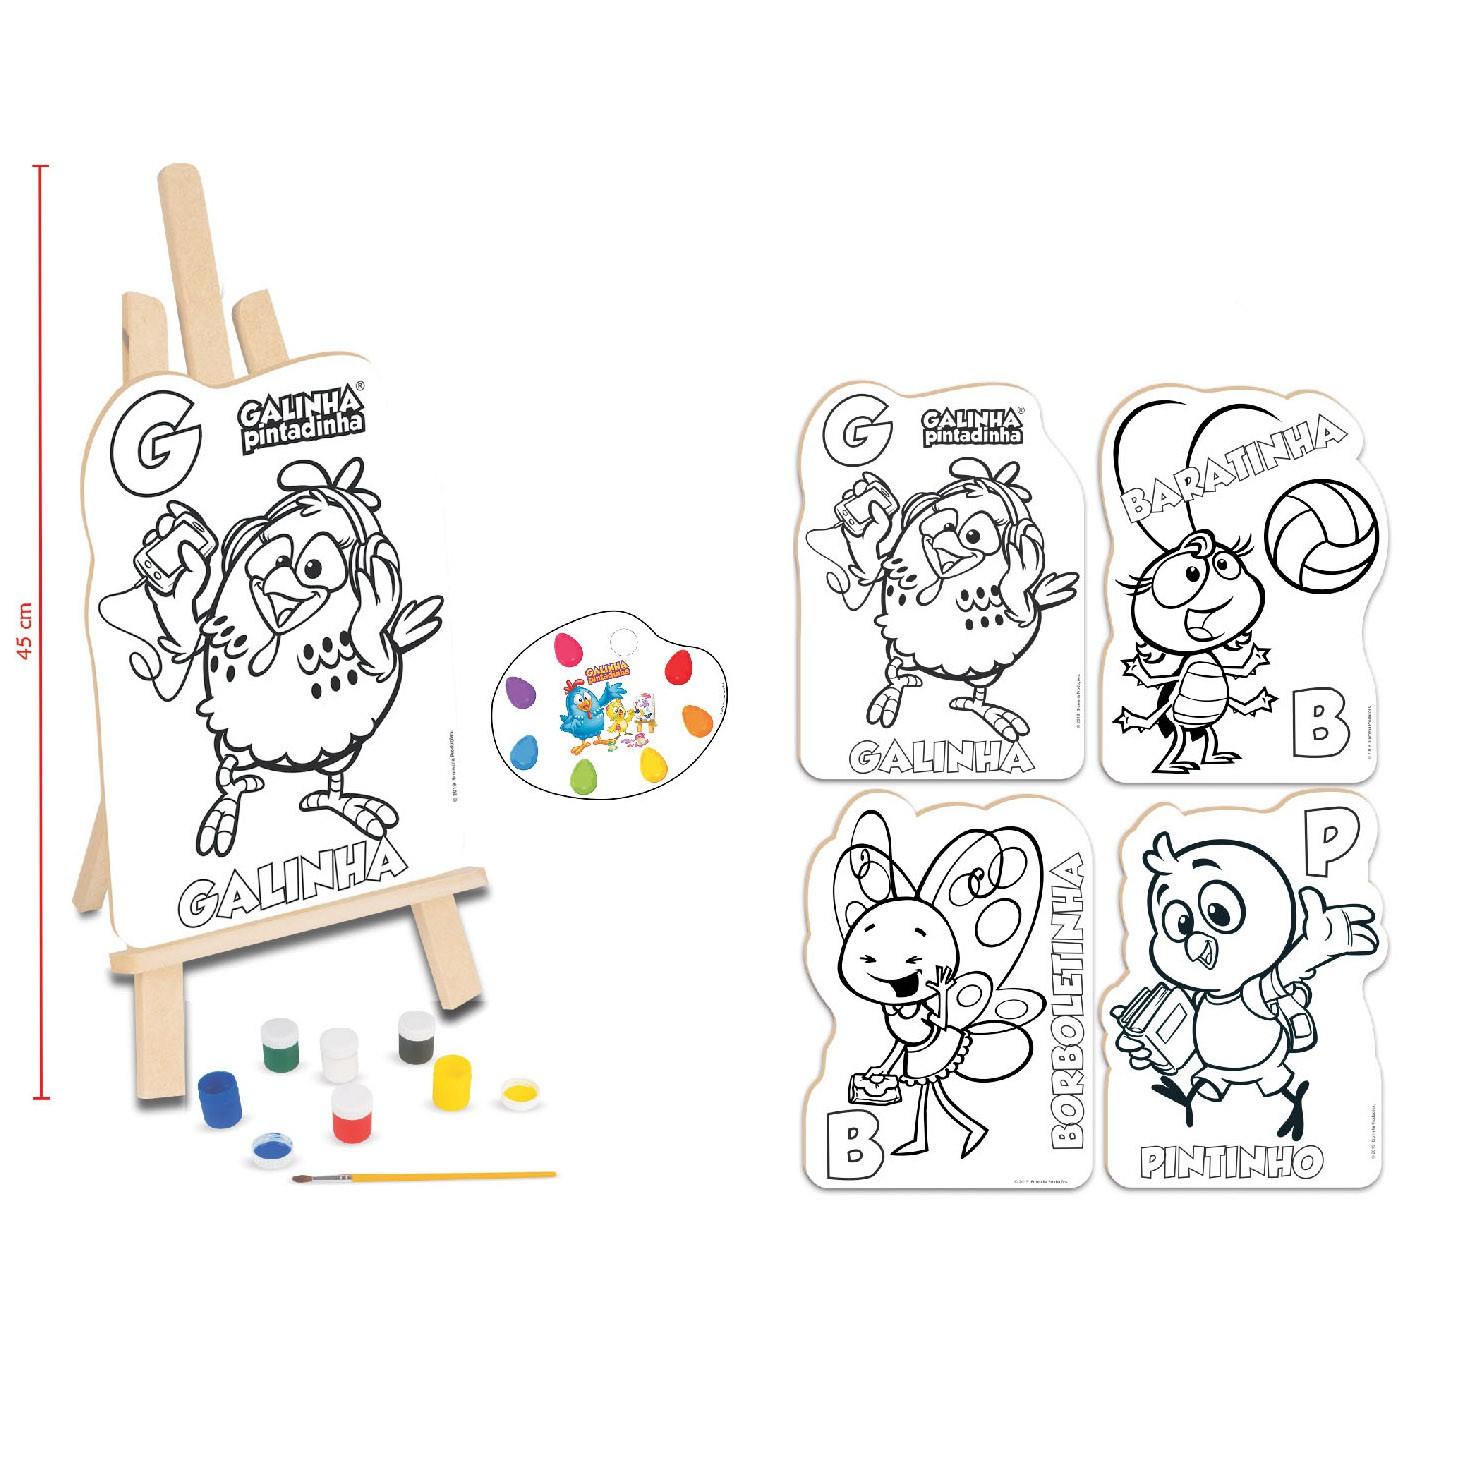 Kit de Pintura - Galinha Pintadinha - Nig Brinquedos